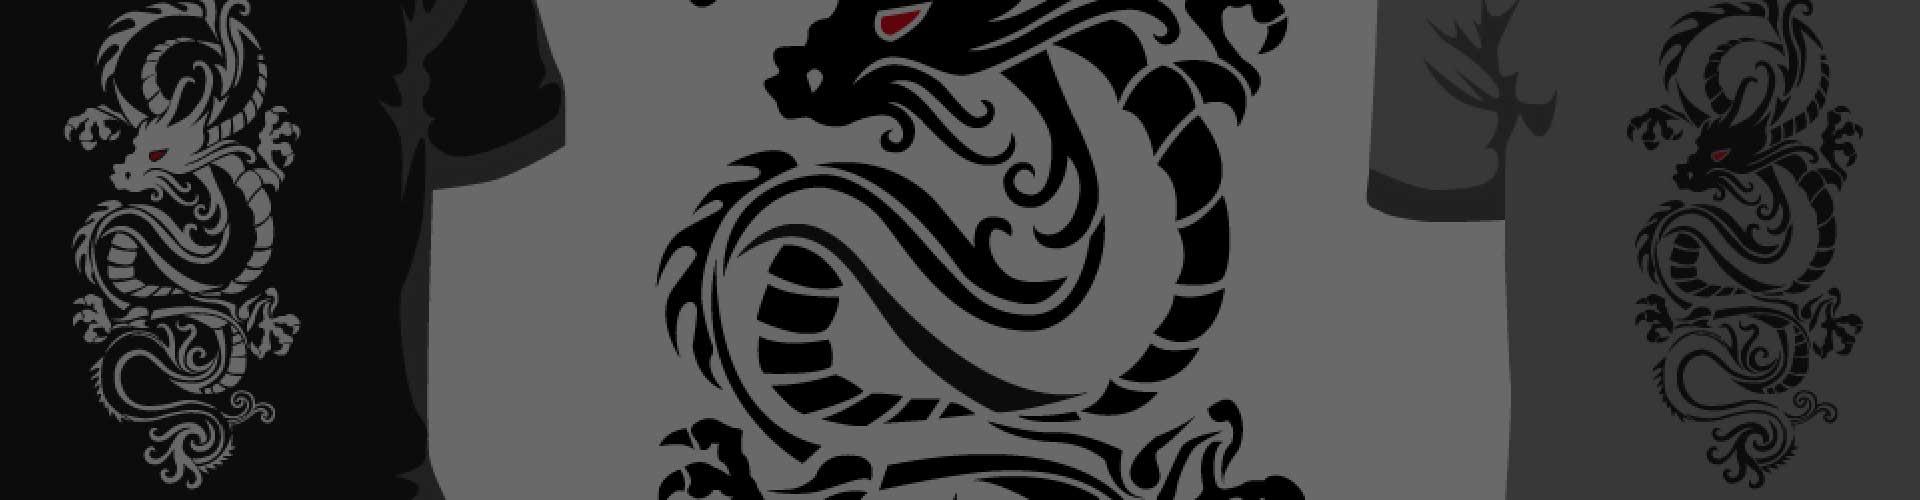 1920x500-dragon-tattoo